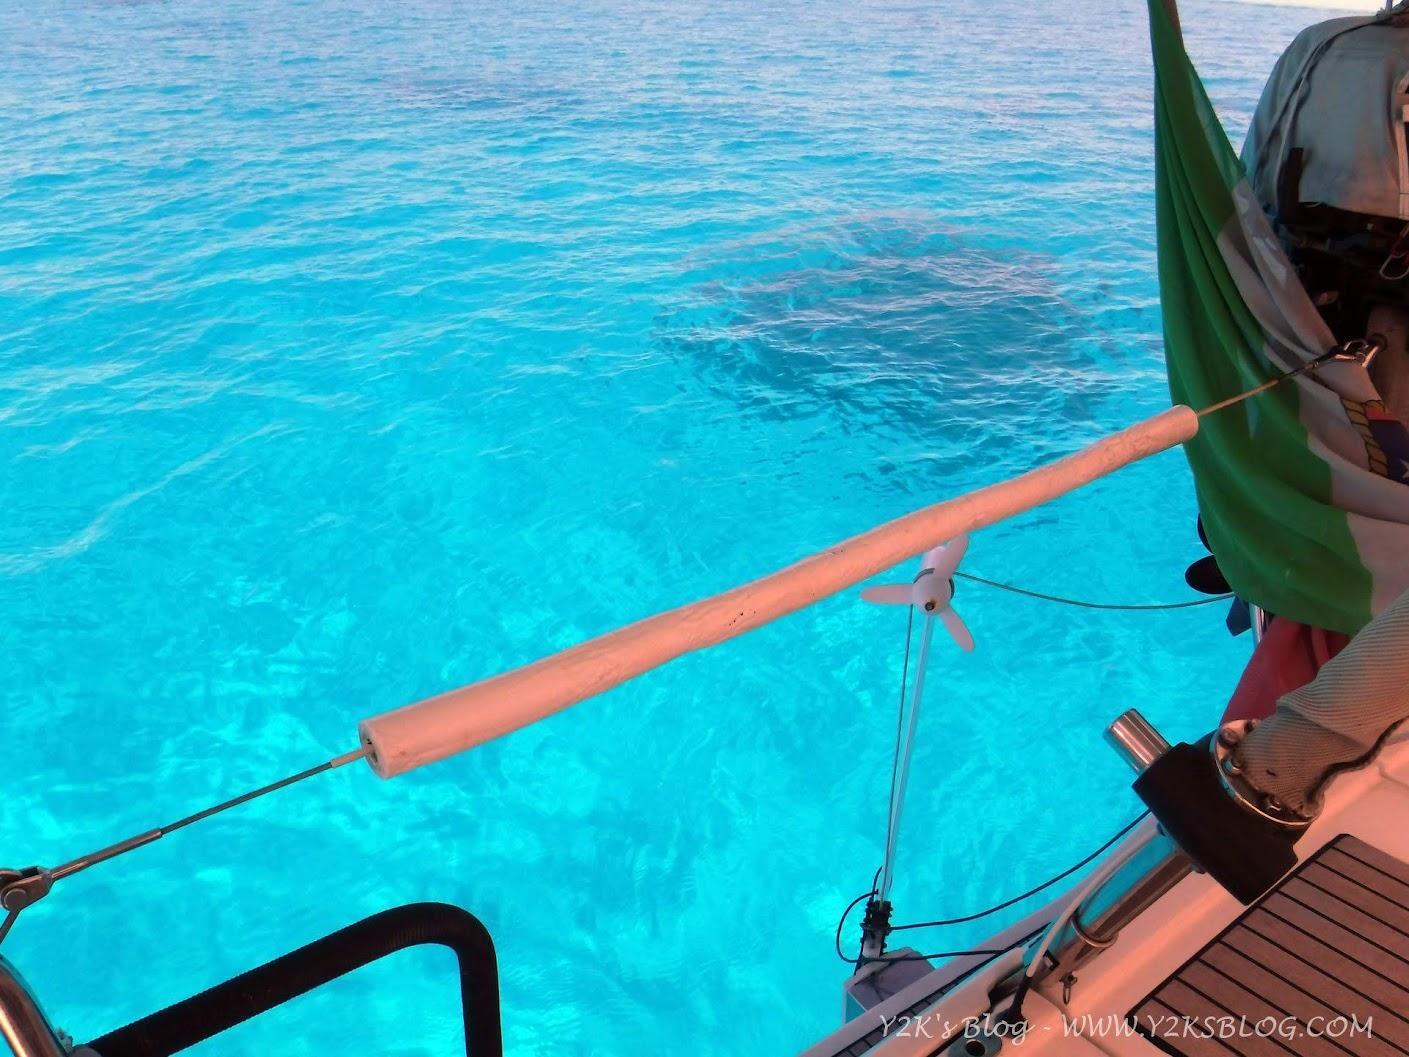 L'abbagliante colore del mare - Beveridge Reef